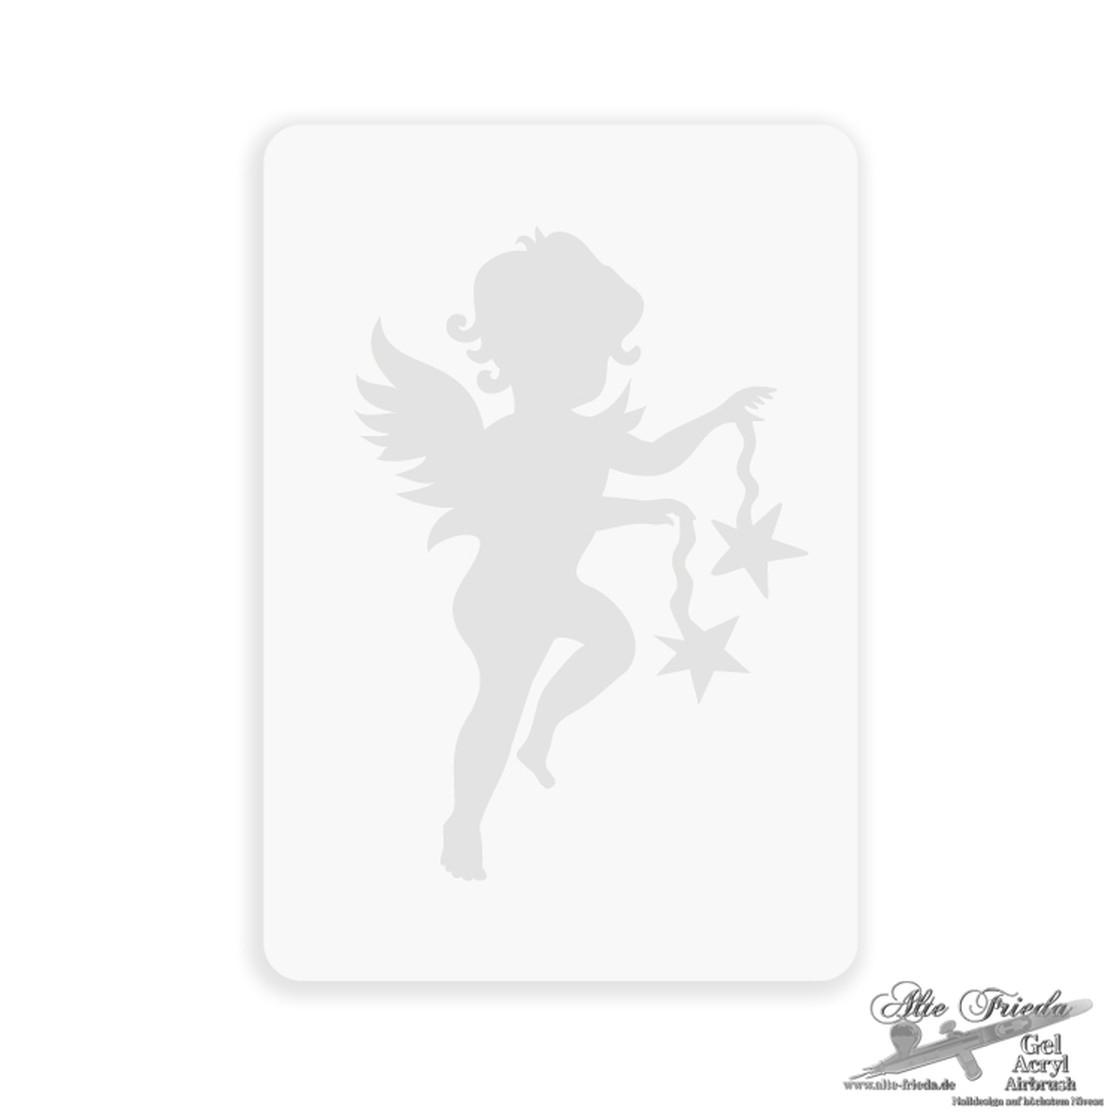 Tattoo-Engel-001 Mylar A4 innen Schablone Für Engel